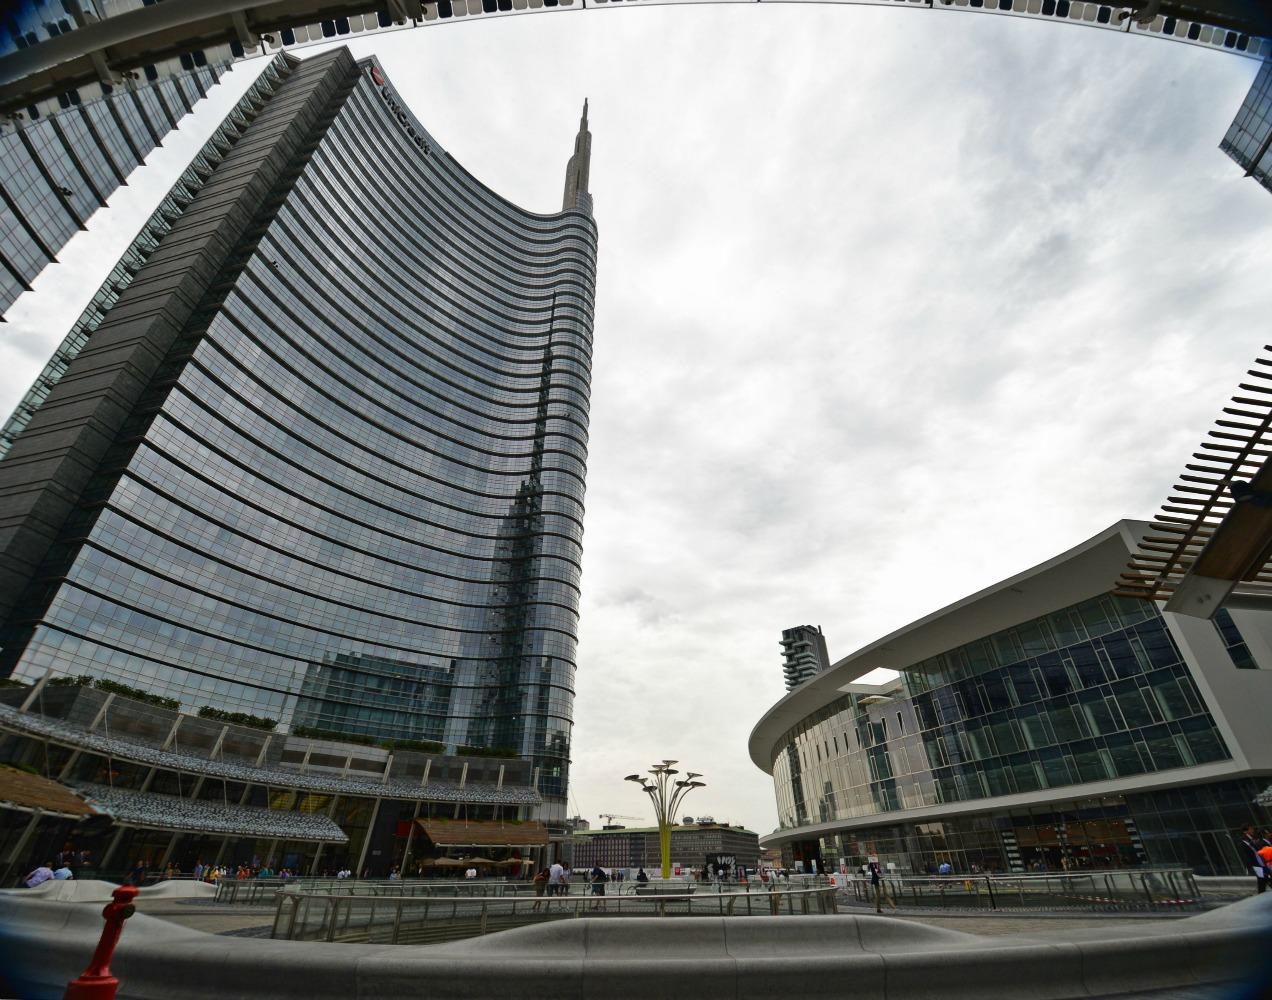 Il qatar si compra i grattacieli di porta nuova a milano - Via porta nuova milano ...